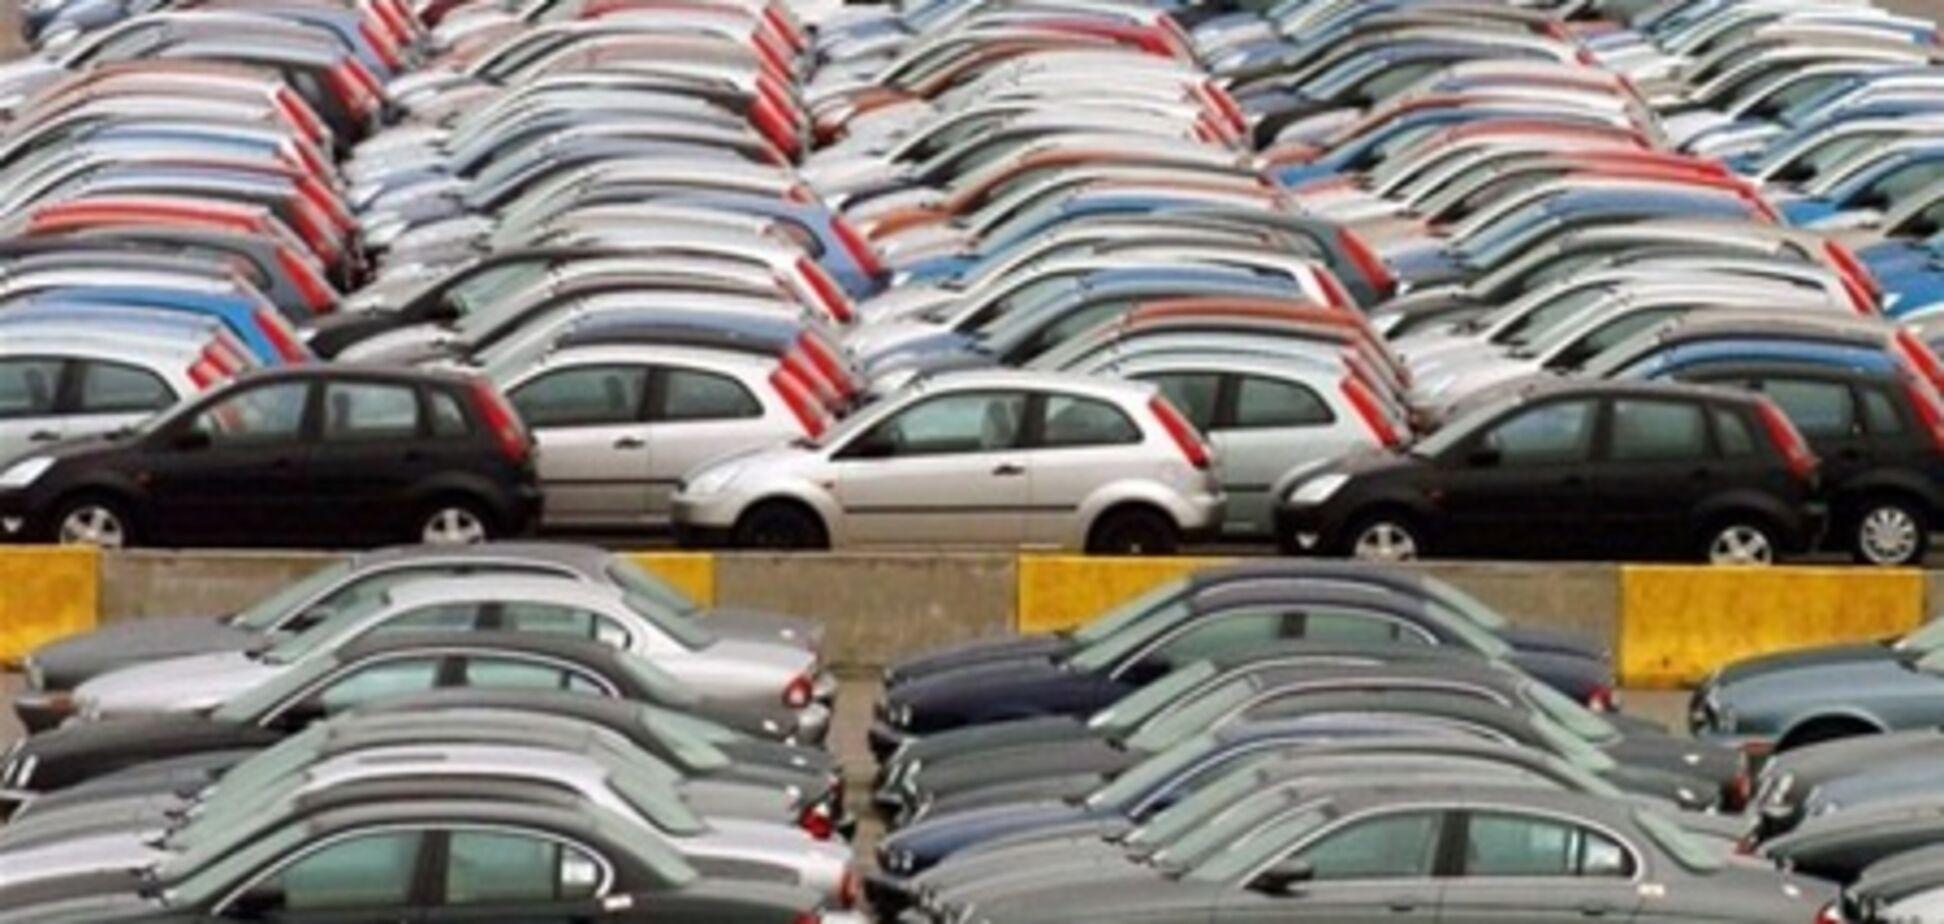 Кінець епохи: ЗАЗ зупинив виробництво популярного автомобіля